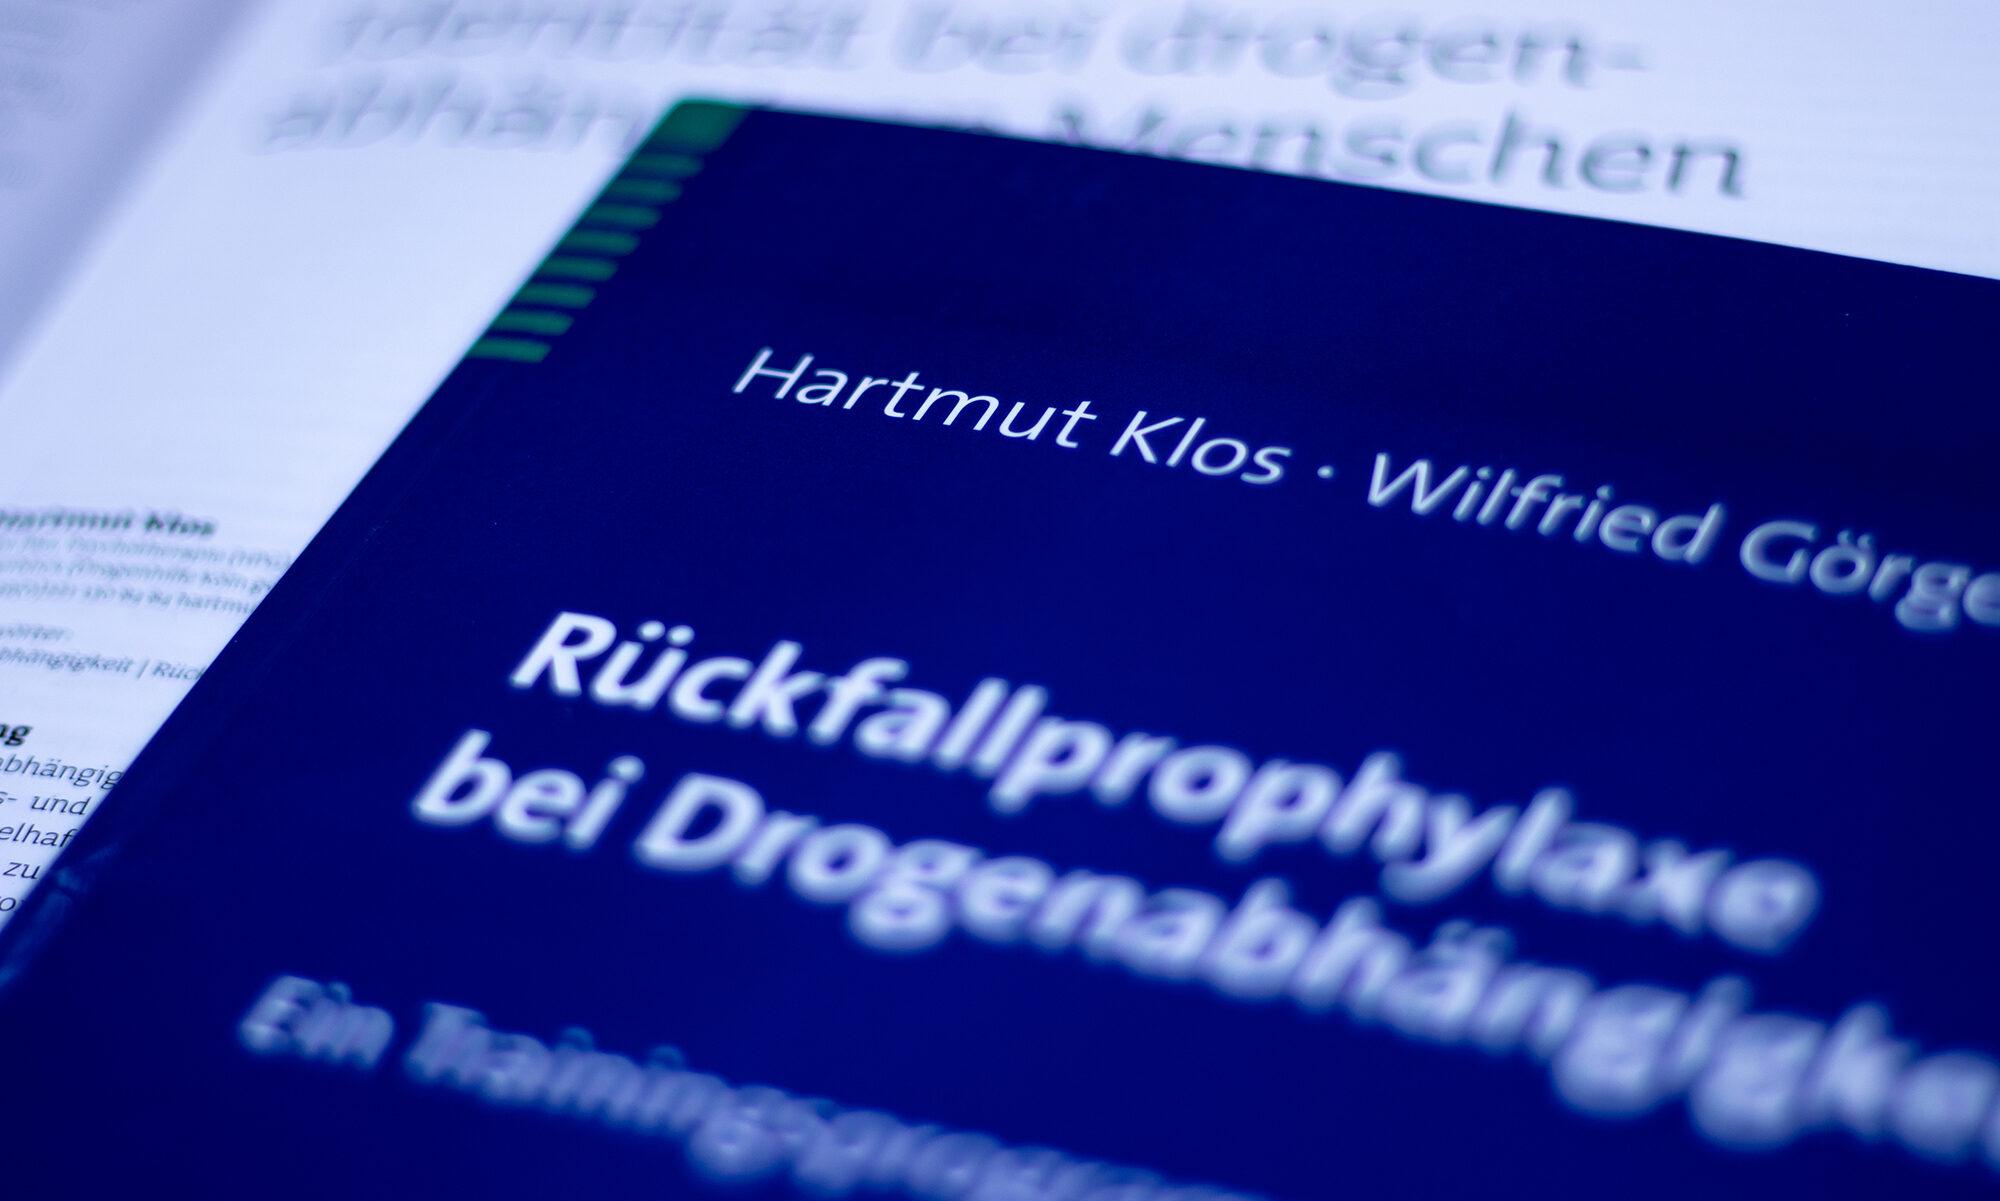 Dipl.-Päd. Hartmut Klos